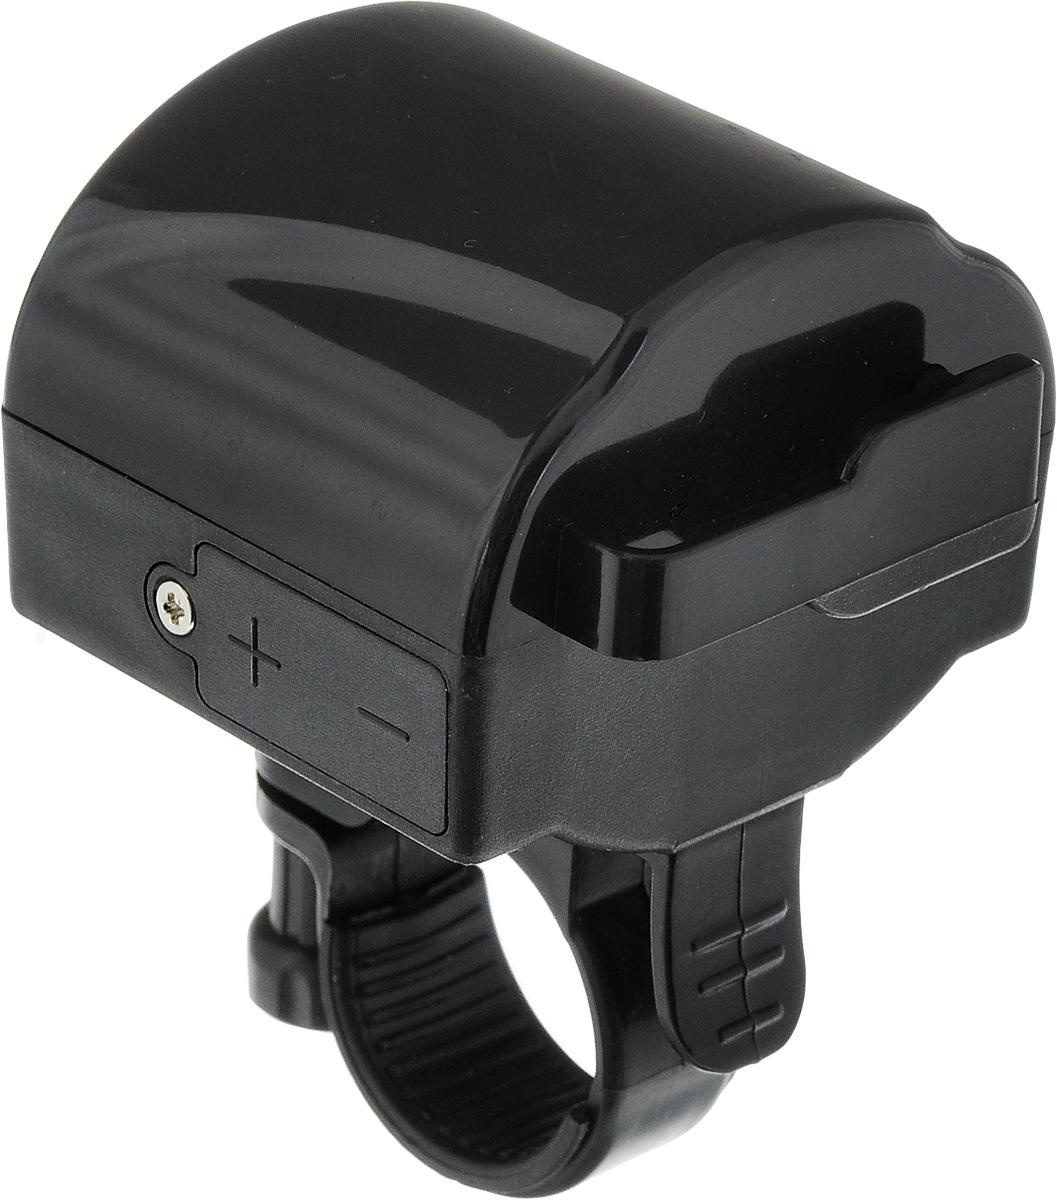 Звонок велосипедный STGГризлиЗвонок STG изготовлен из металла и пластика. Изделие крепится на руль велосипеда и позволяет привлечь внимание в опасных ситуациях. Оригинальный звонок сделает вашу езду безопасной. Работает от двух батареек типа ААА (входят в комплект).Размер звонка (без учета крепления): 5,5 х 5 х 4 см.